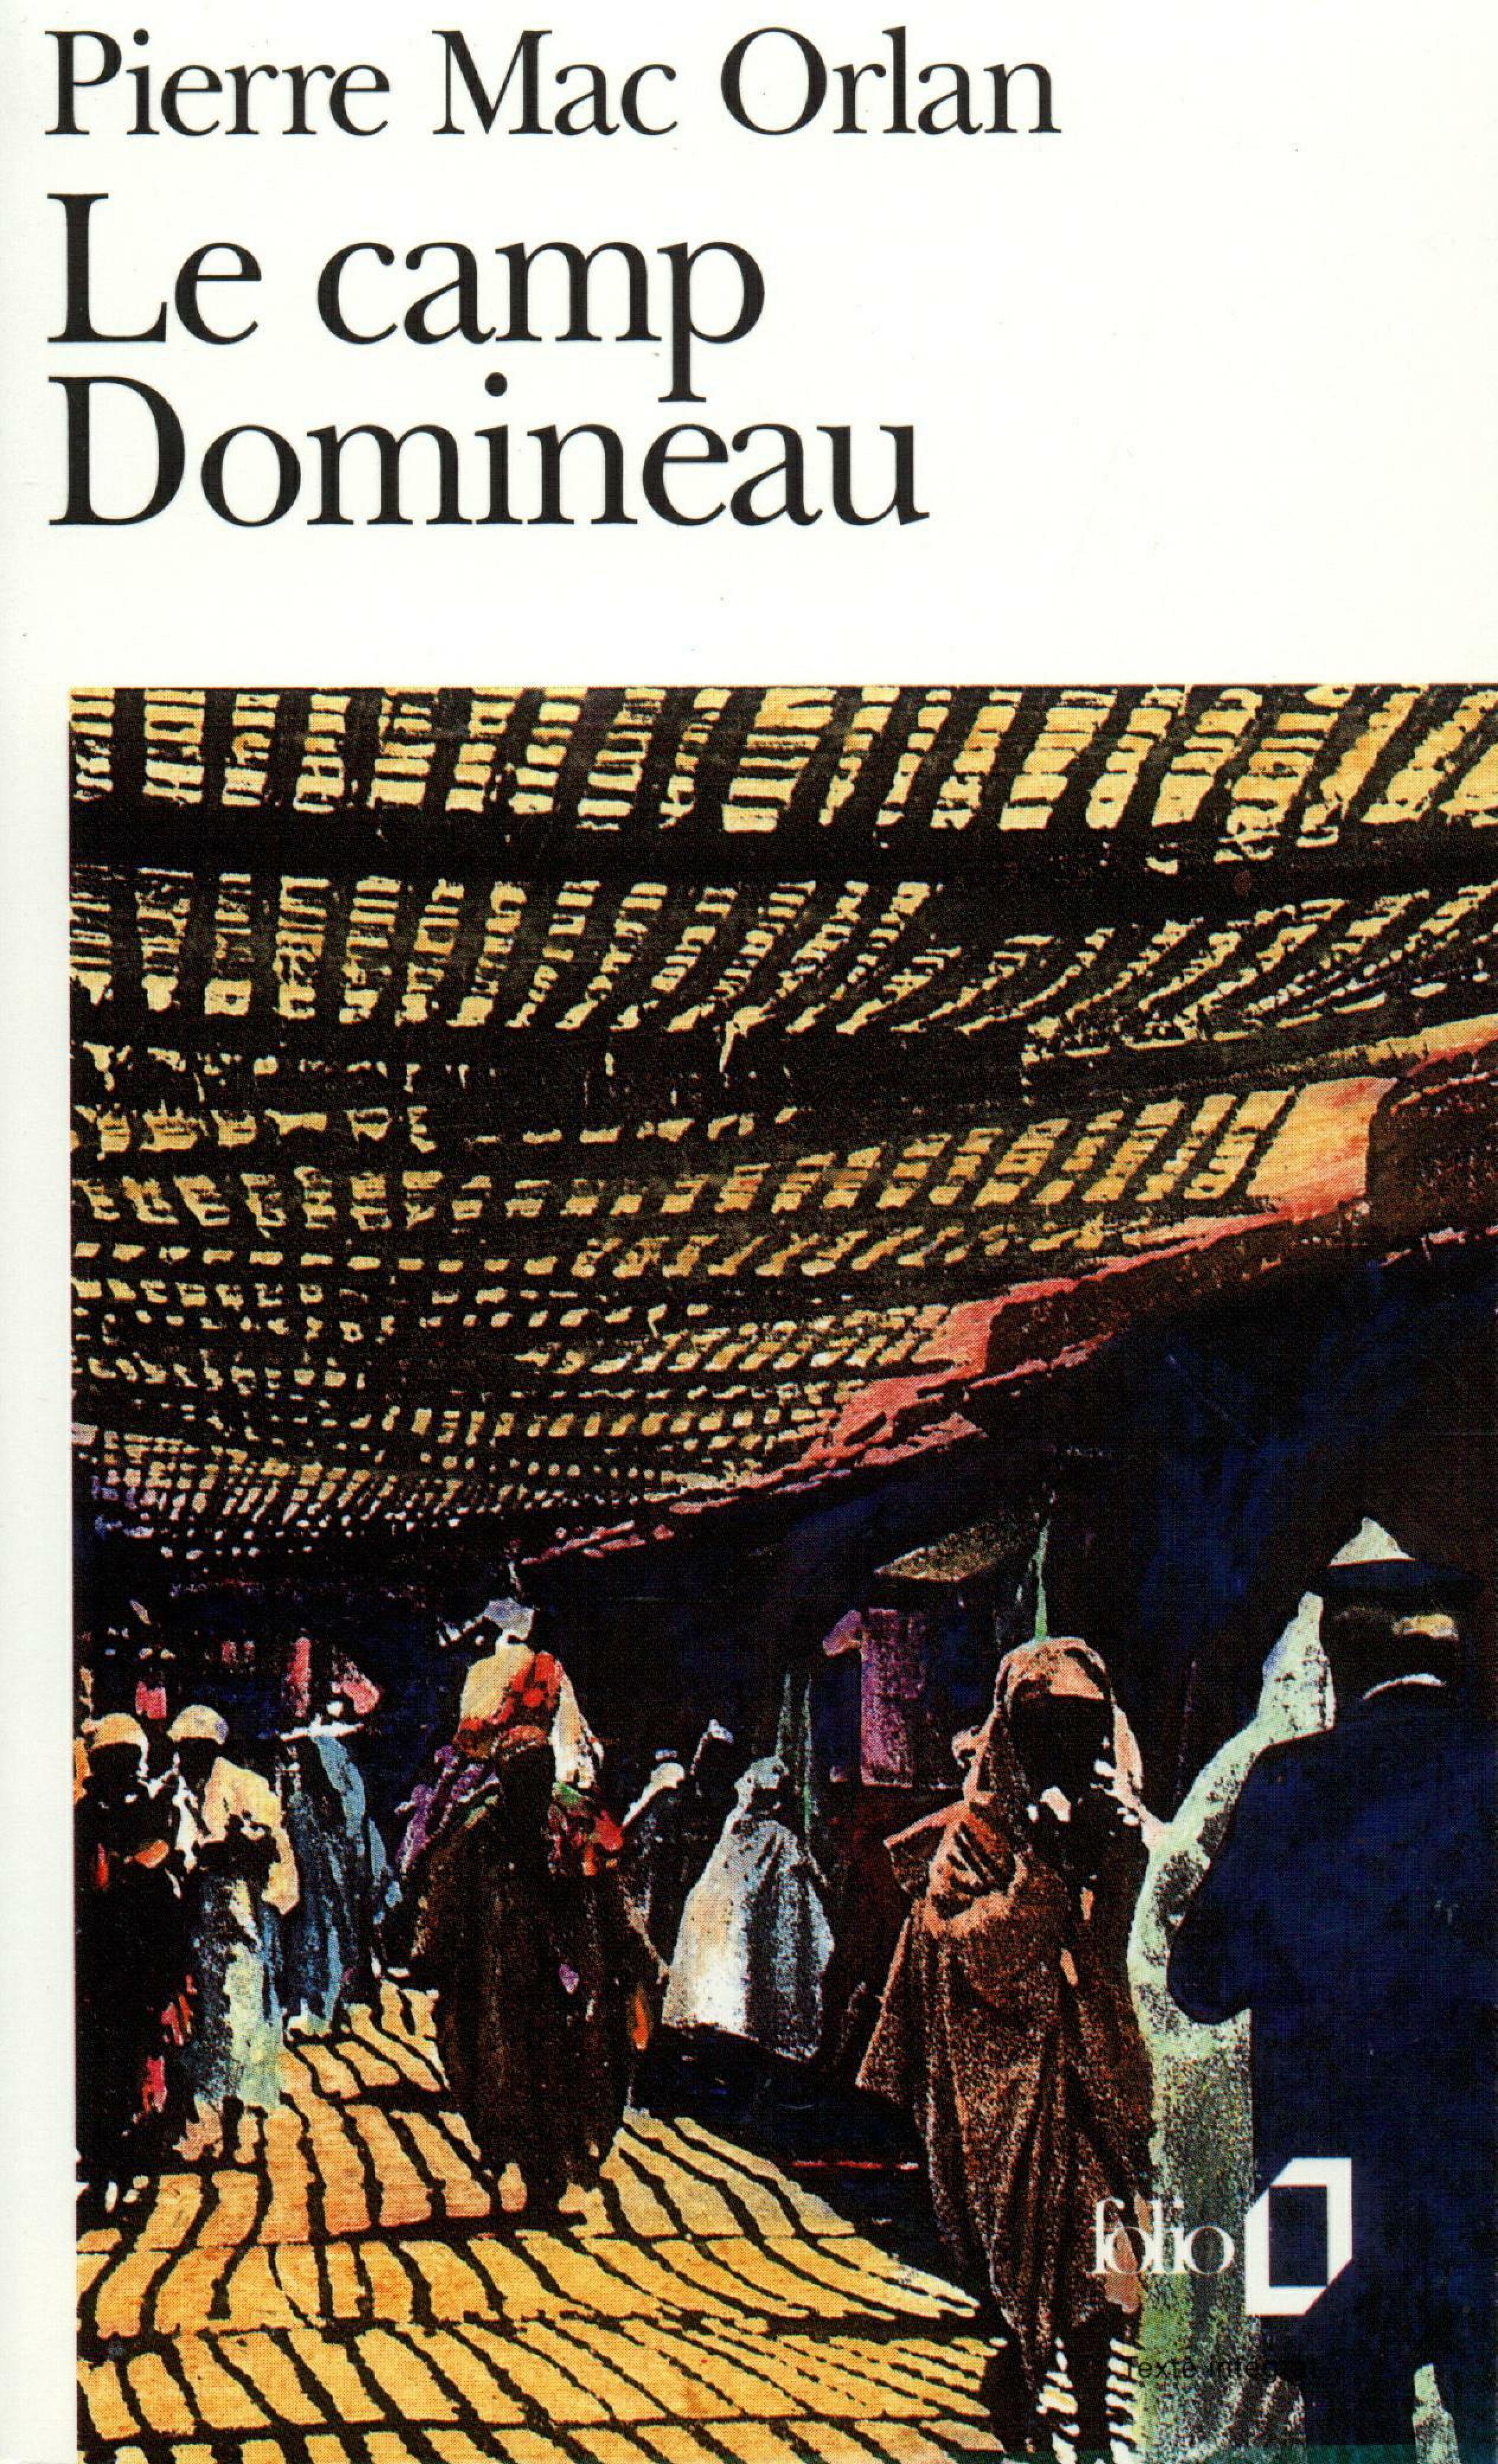 Le Camp Domineau